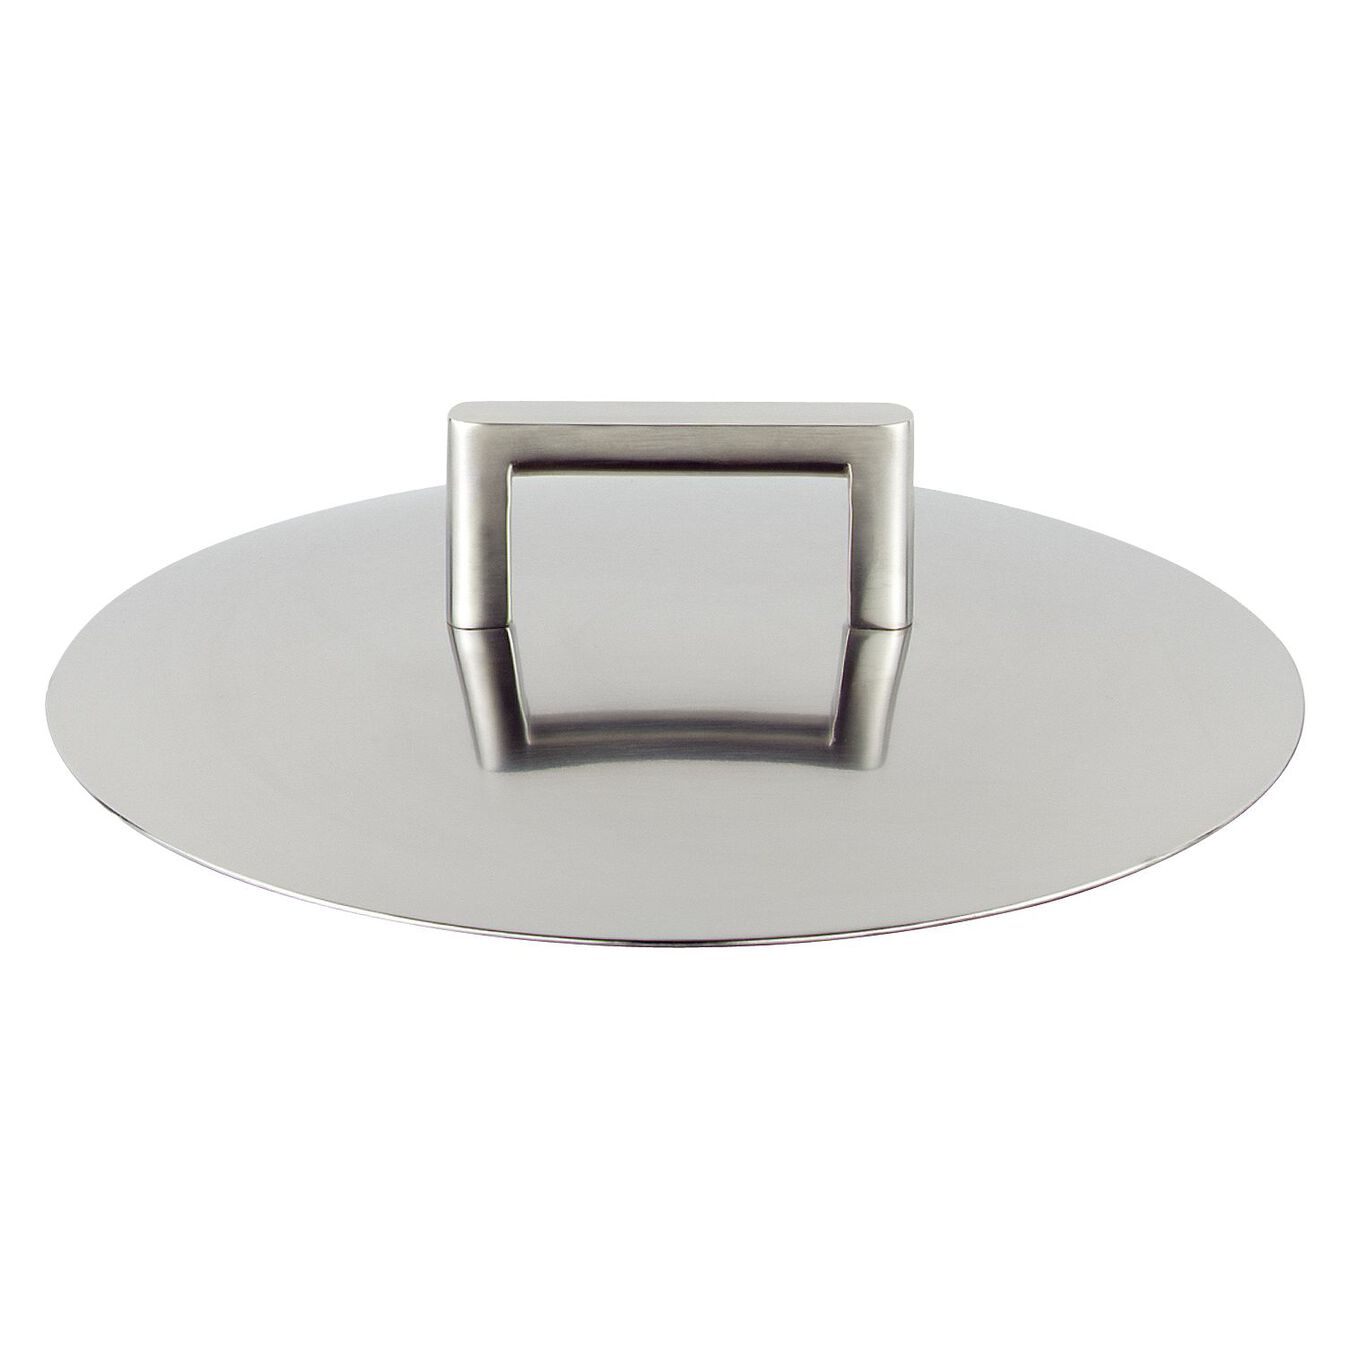 Coperchio - 24 cm, 18/10 acciaio inossidabile,,large 1